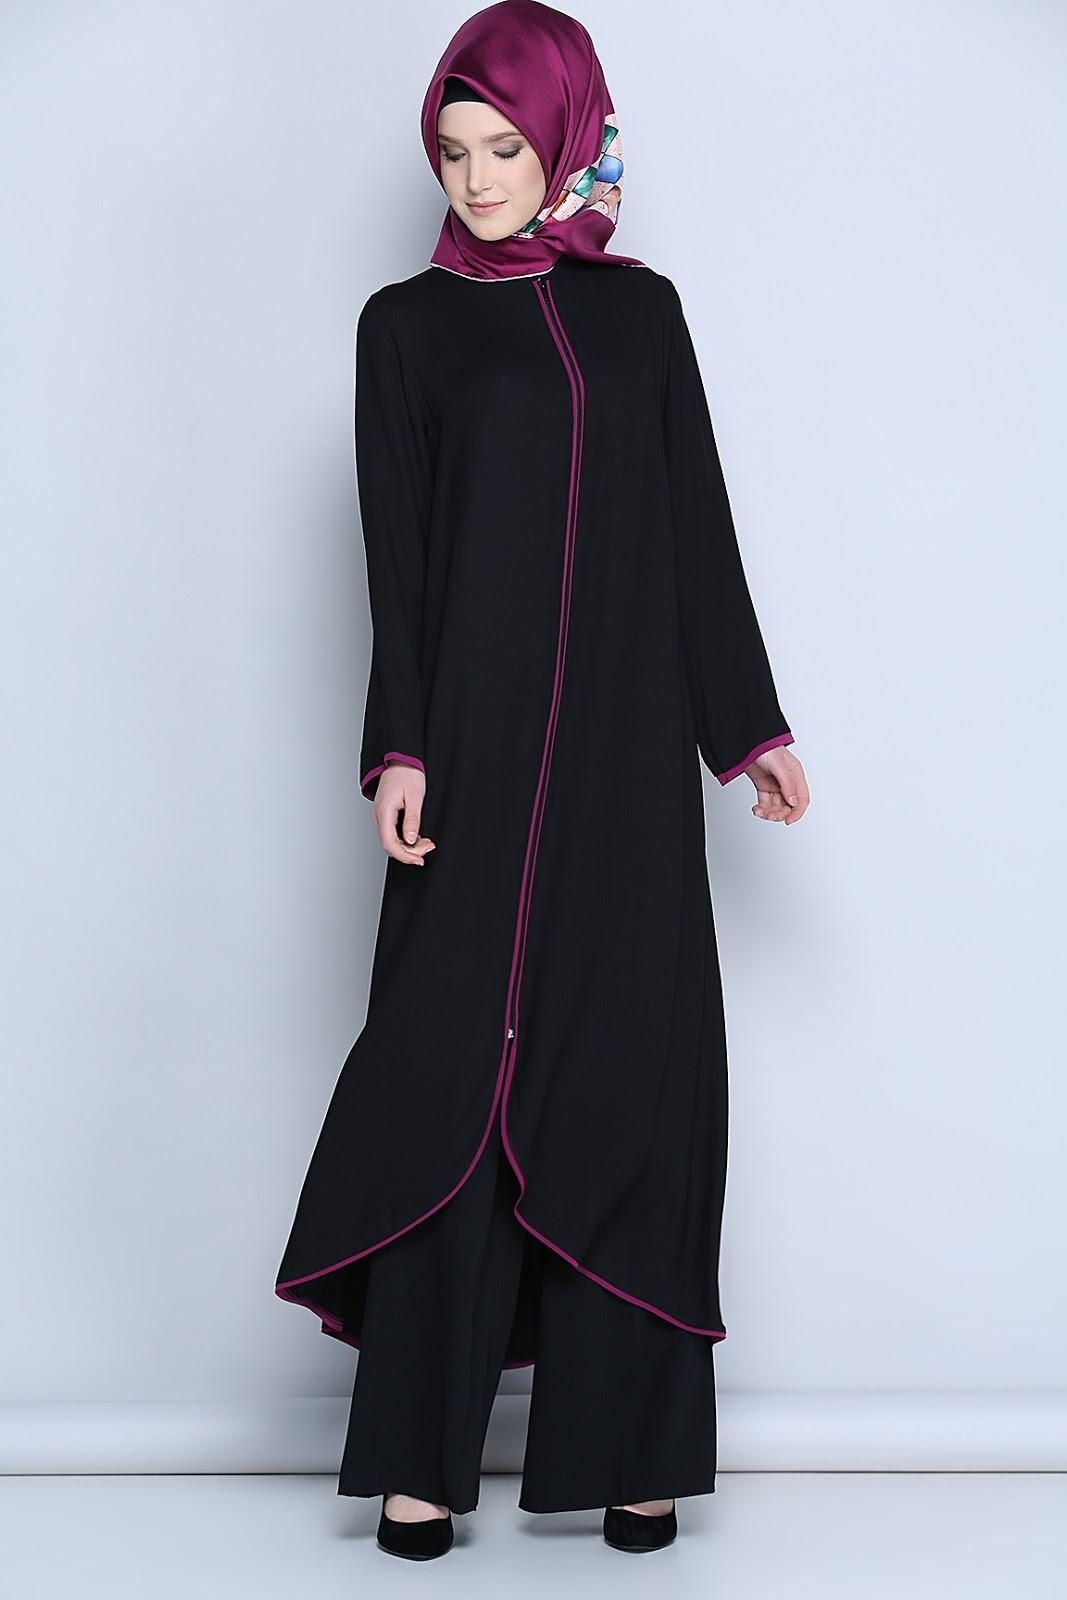 07a18a4bc7c Si vous avez besoin de plus de styles hijab moderne vous pouvez se rendre à  la page d u0027accueil de notre site web pour découvrir davantage de styles  ...